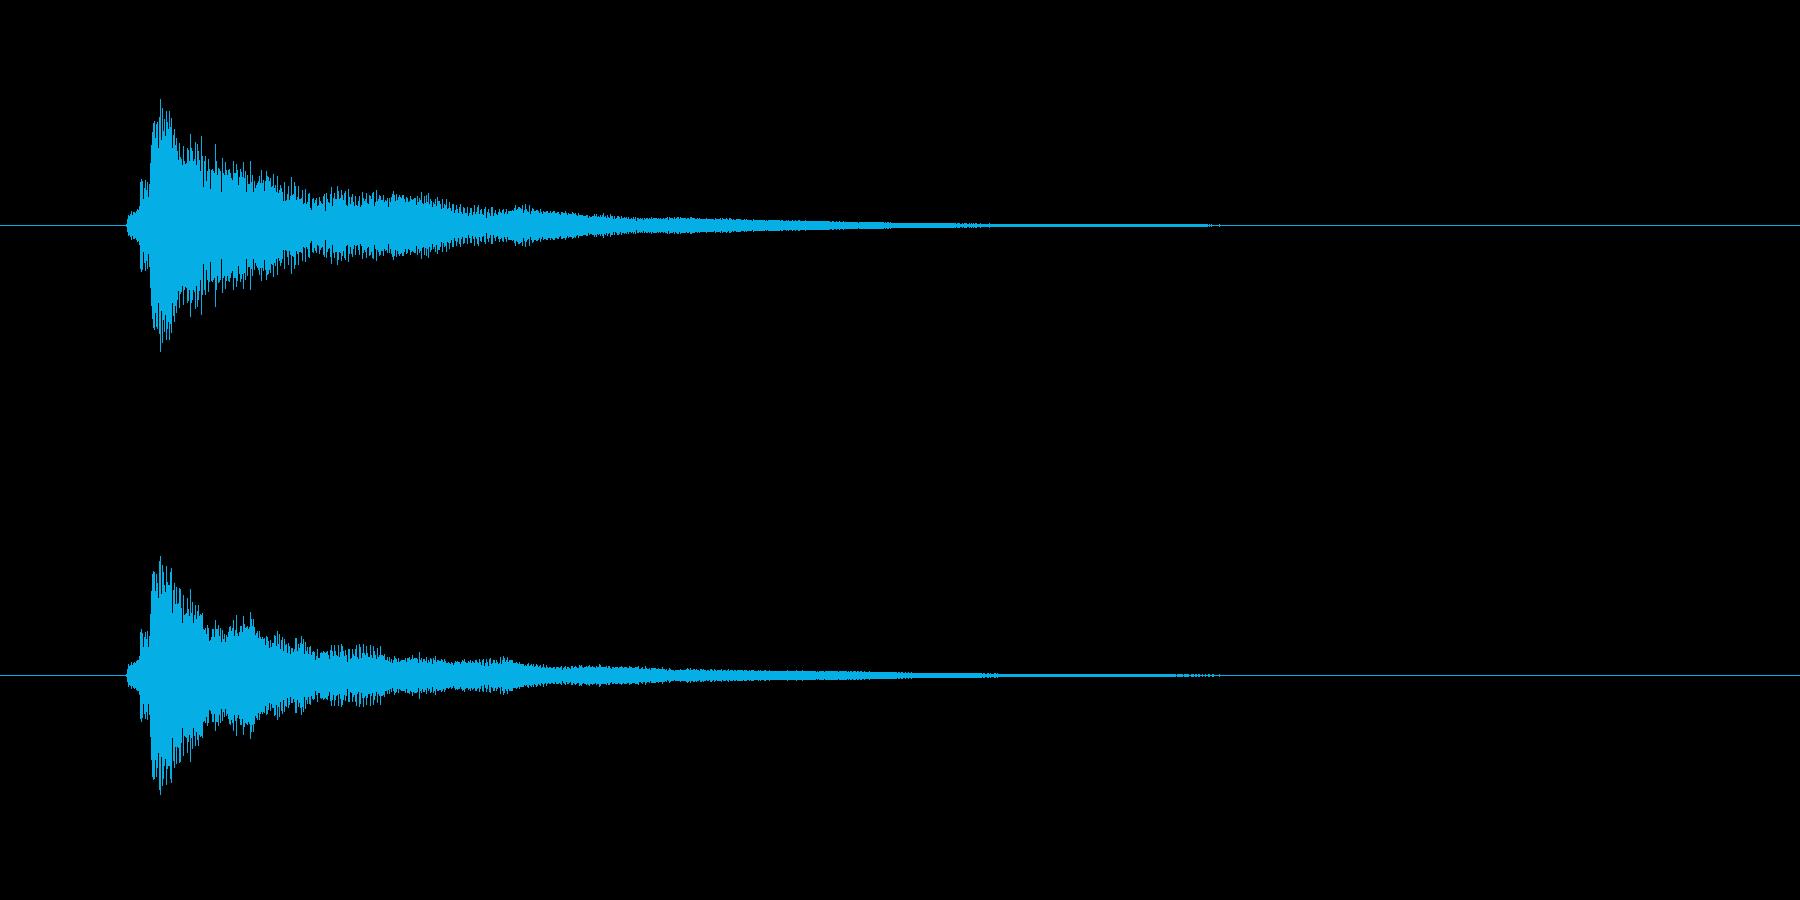 チャラーン(キーボードの和音)の再生済みの波形